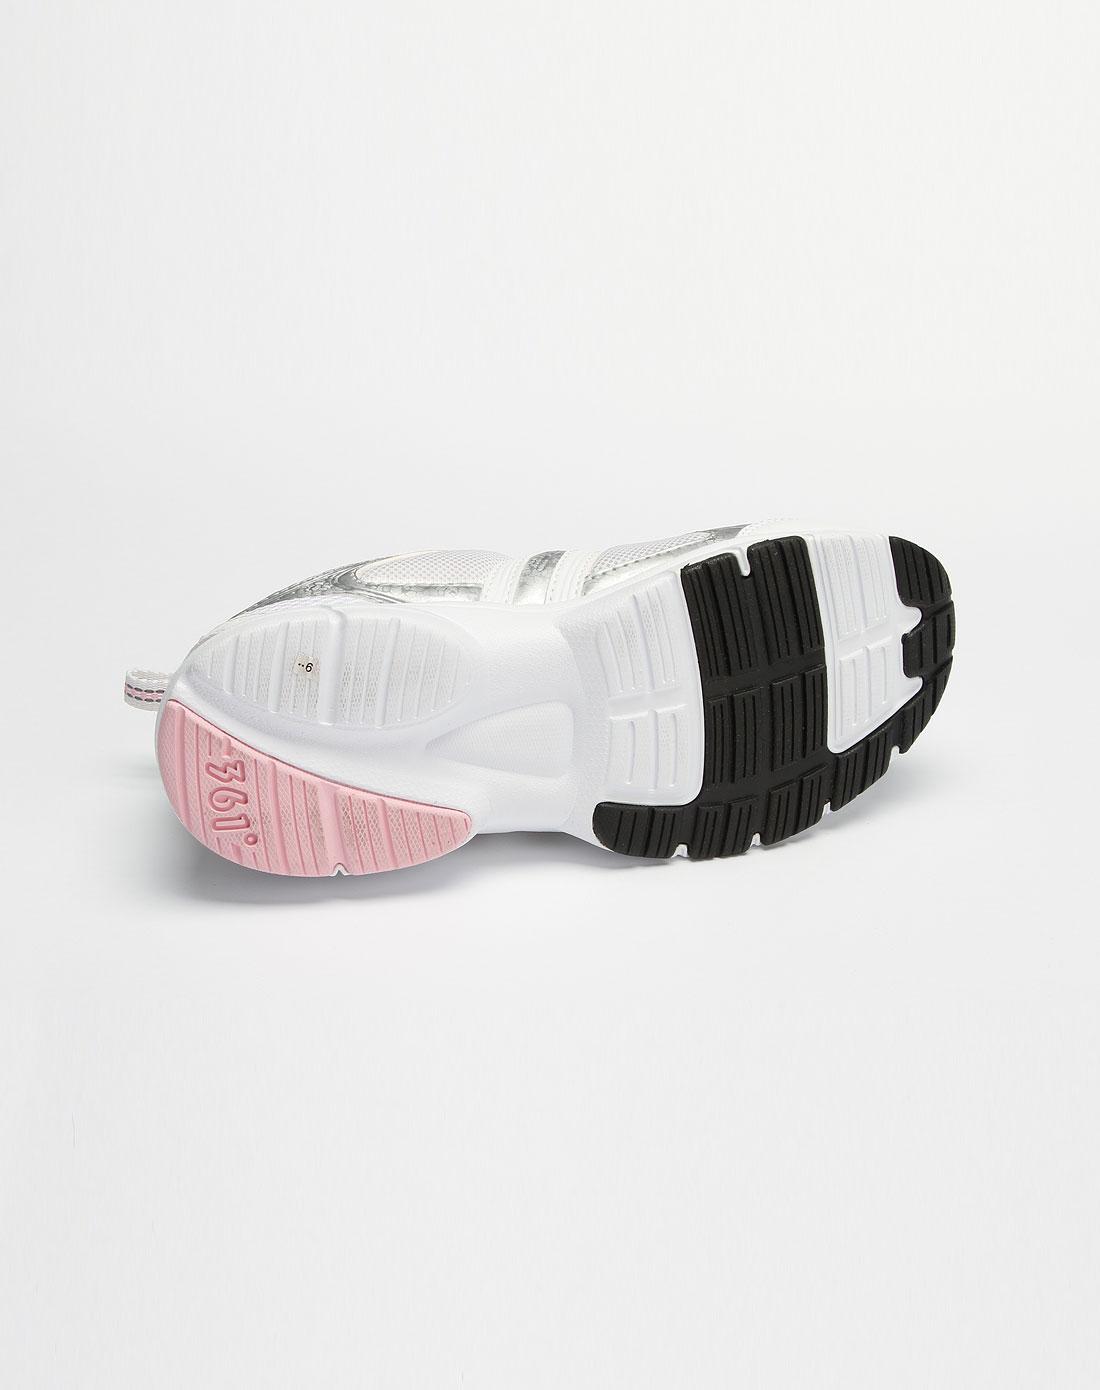 361°女款白/粉红色网面绑绳运动鞋